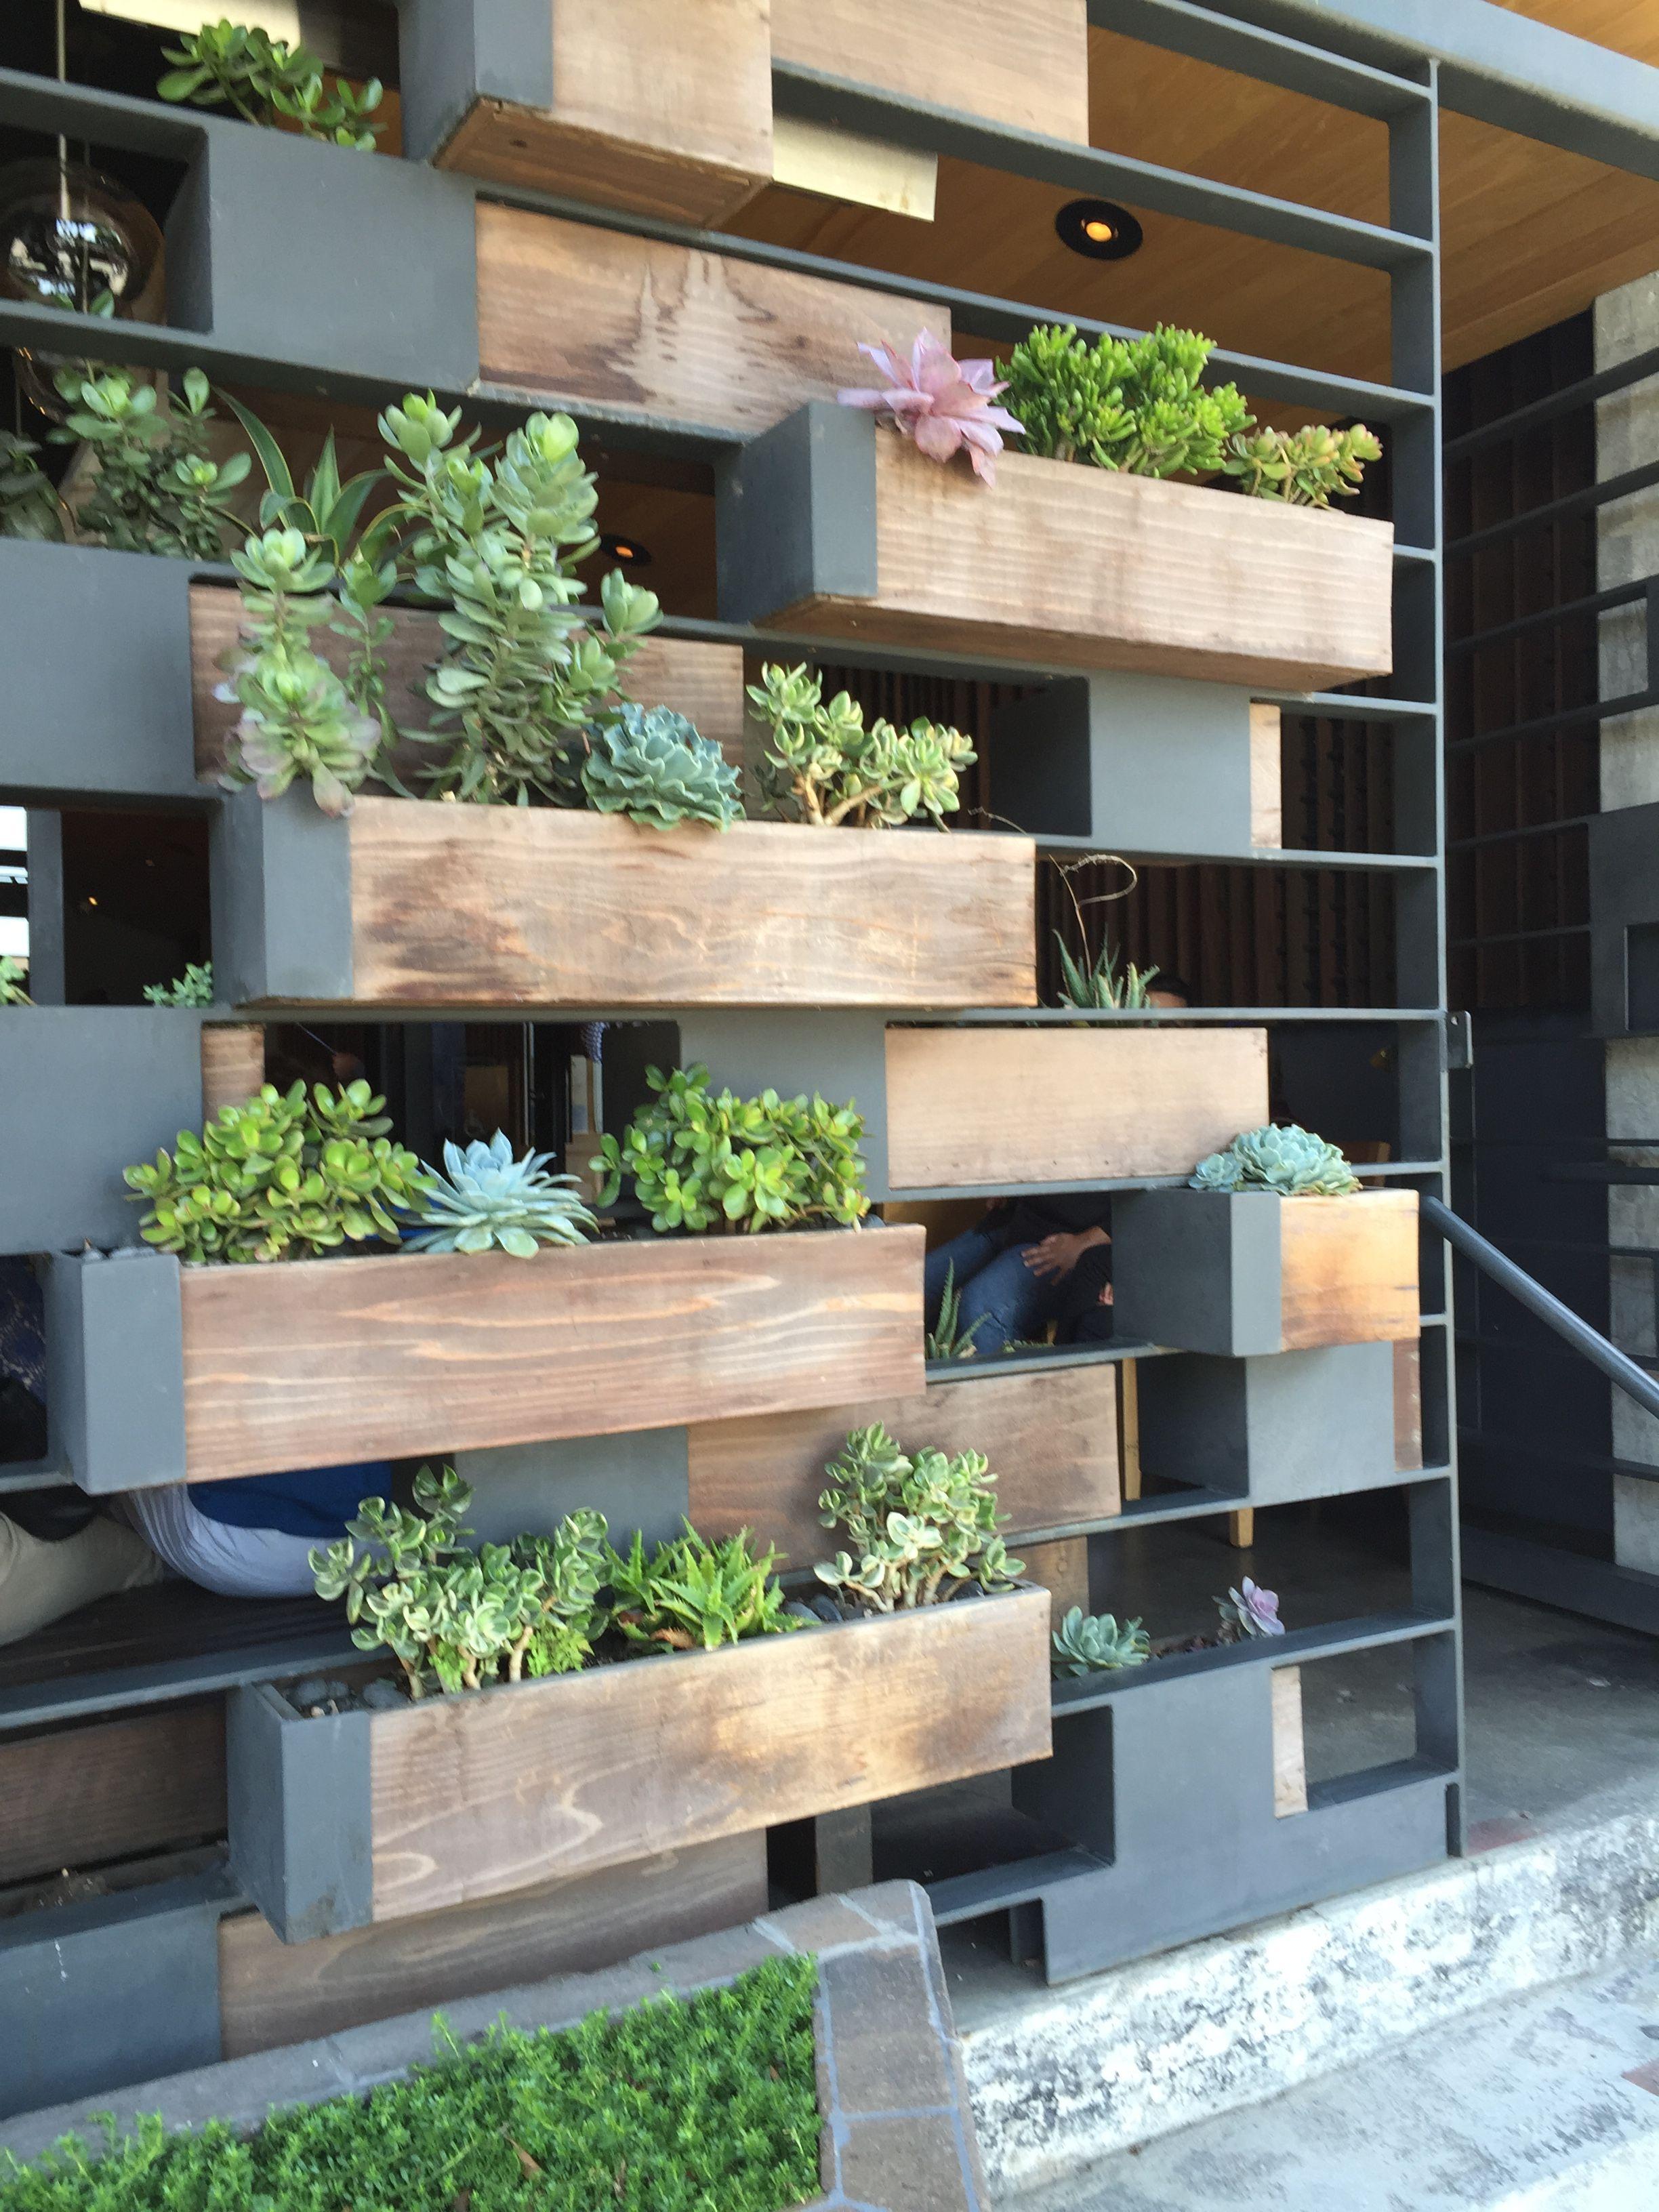 Toque de paisagismo inspira es por hobby decor - Jardin vertical interior ikea ...